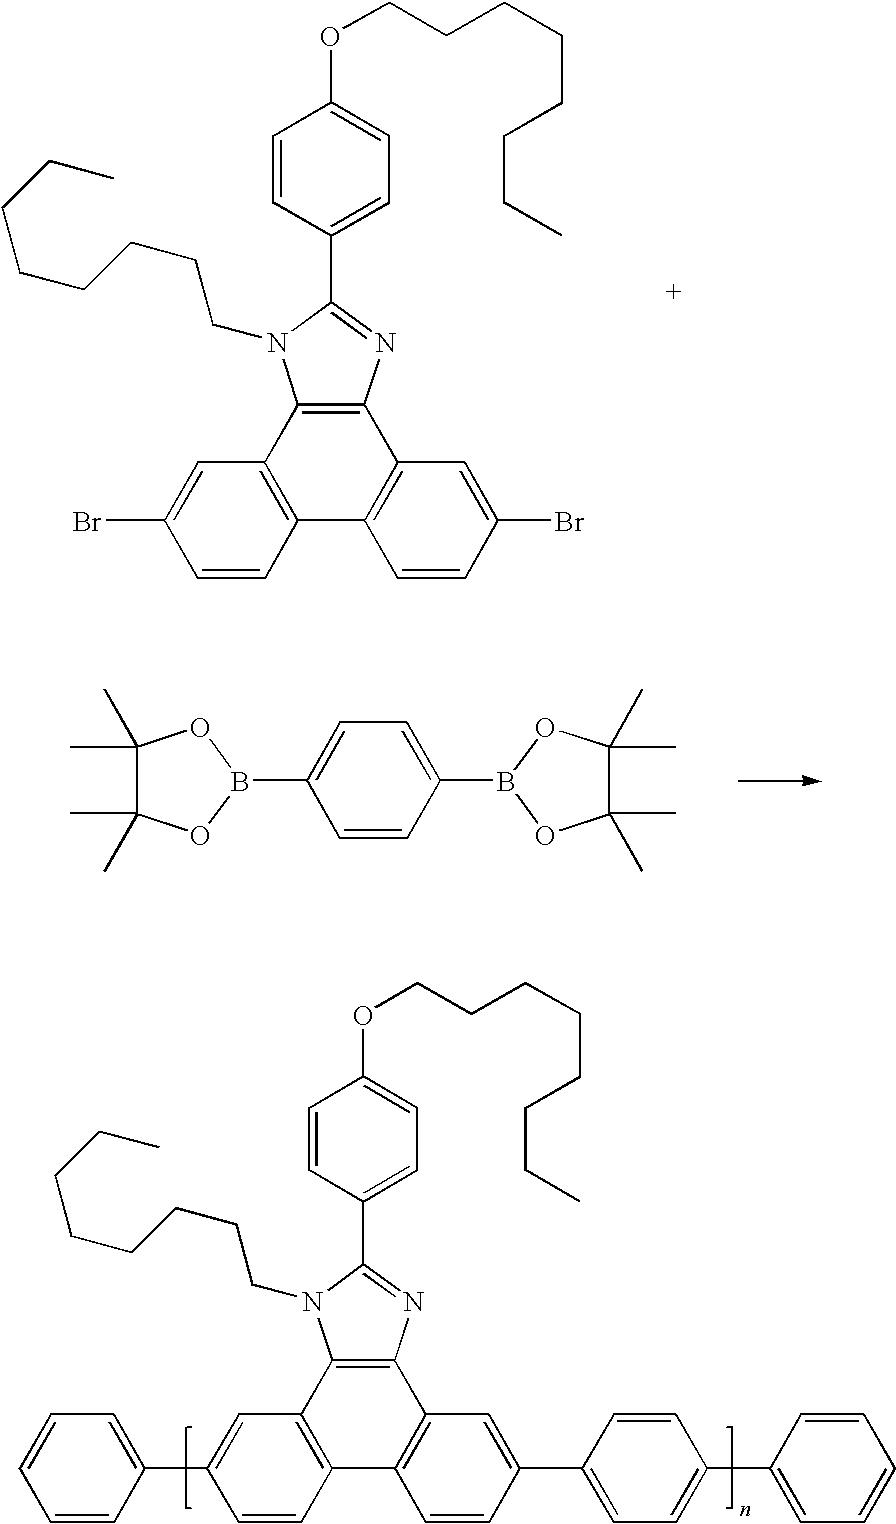 Figure US20090105447A1-20090423-C00227